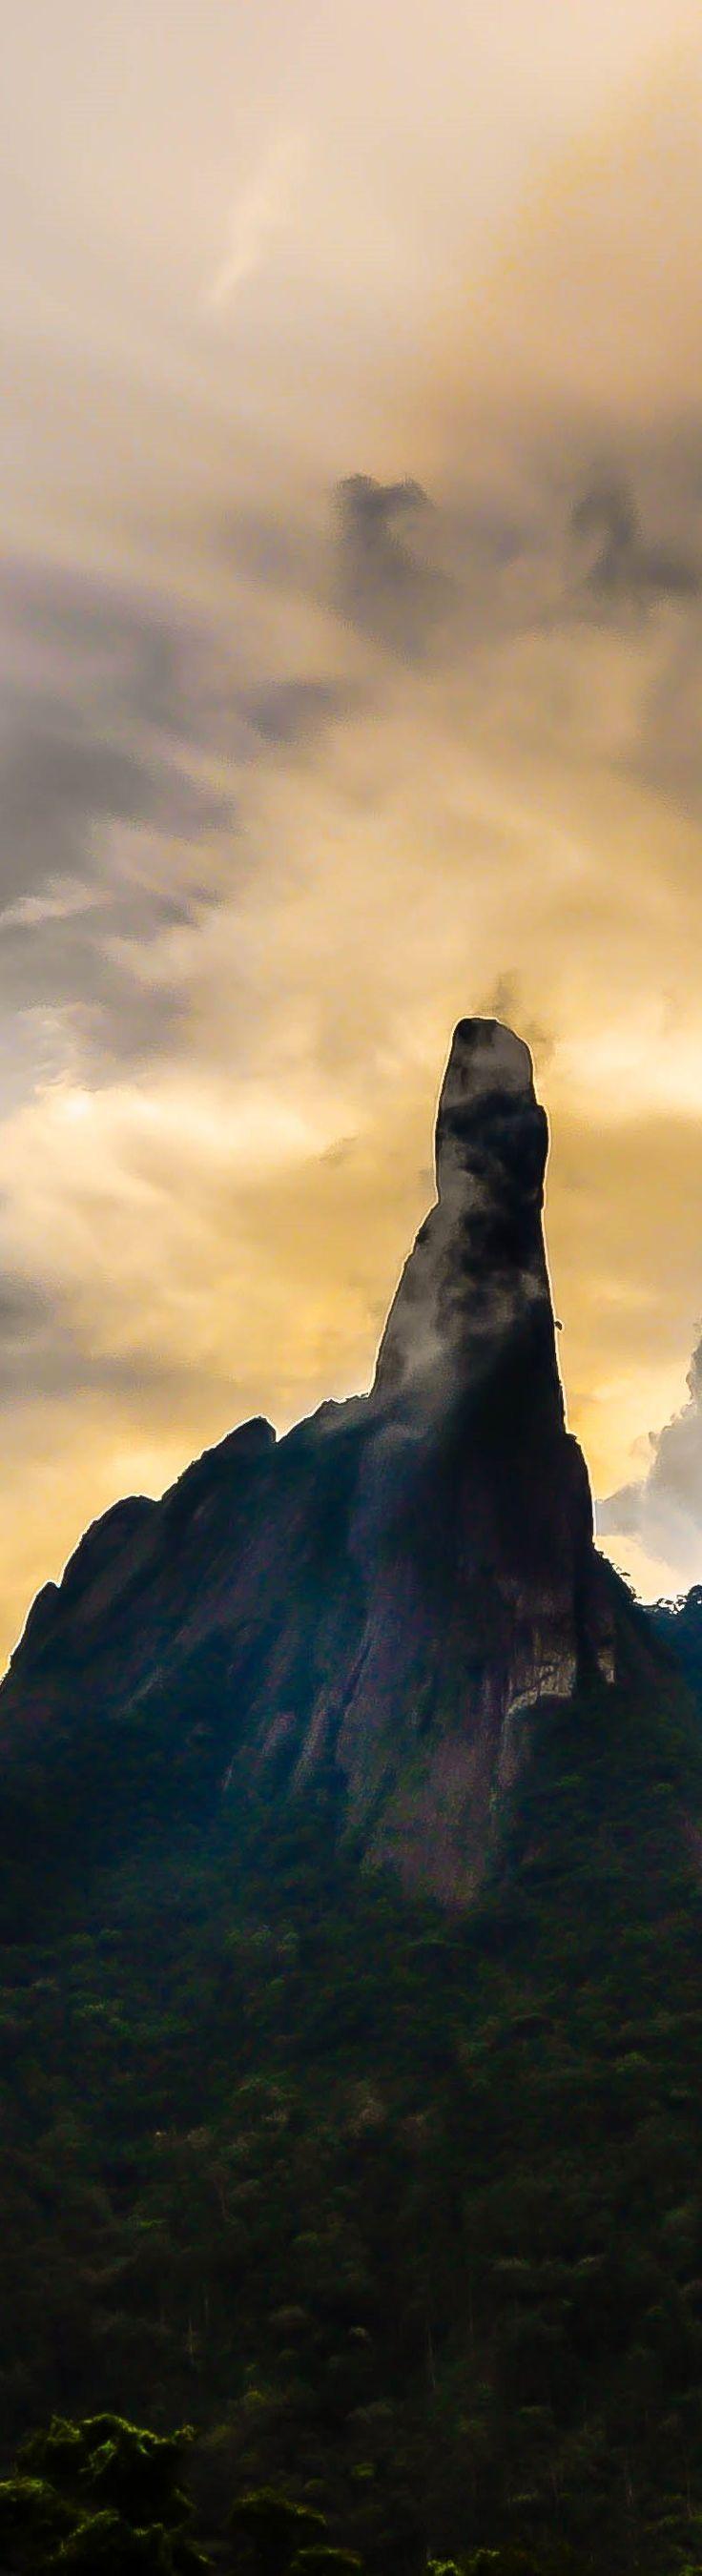 """""""O Dedo de Deus"""" em Teresópolis - Rio de Janeiro. Dedo de Deus é um pico em 1692 m de altitude no topo, e cujo contorno se assemelha a uma mão apontando o dedo para o céu."""